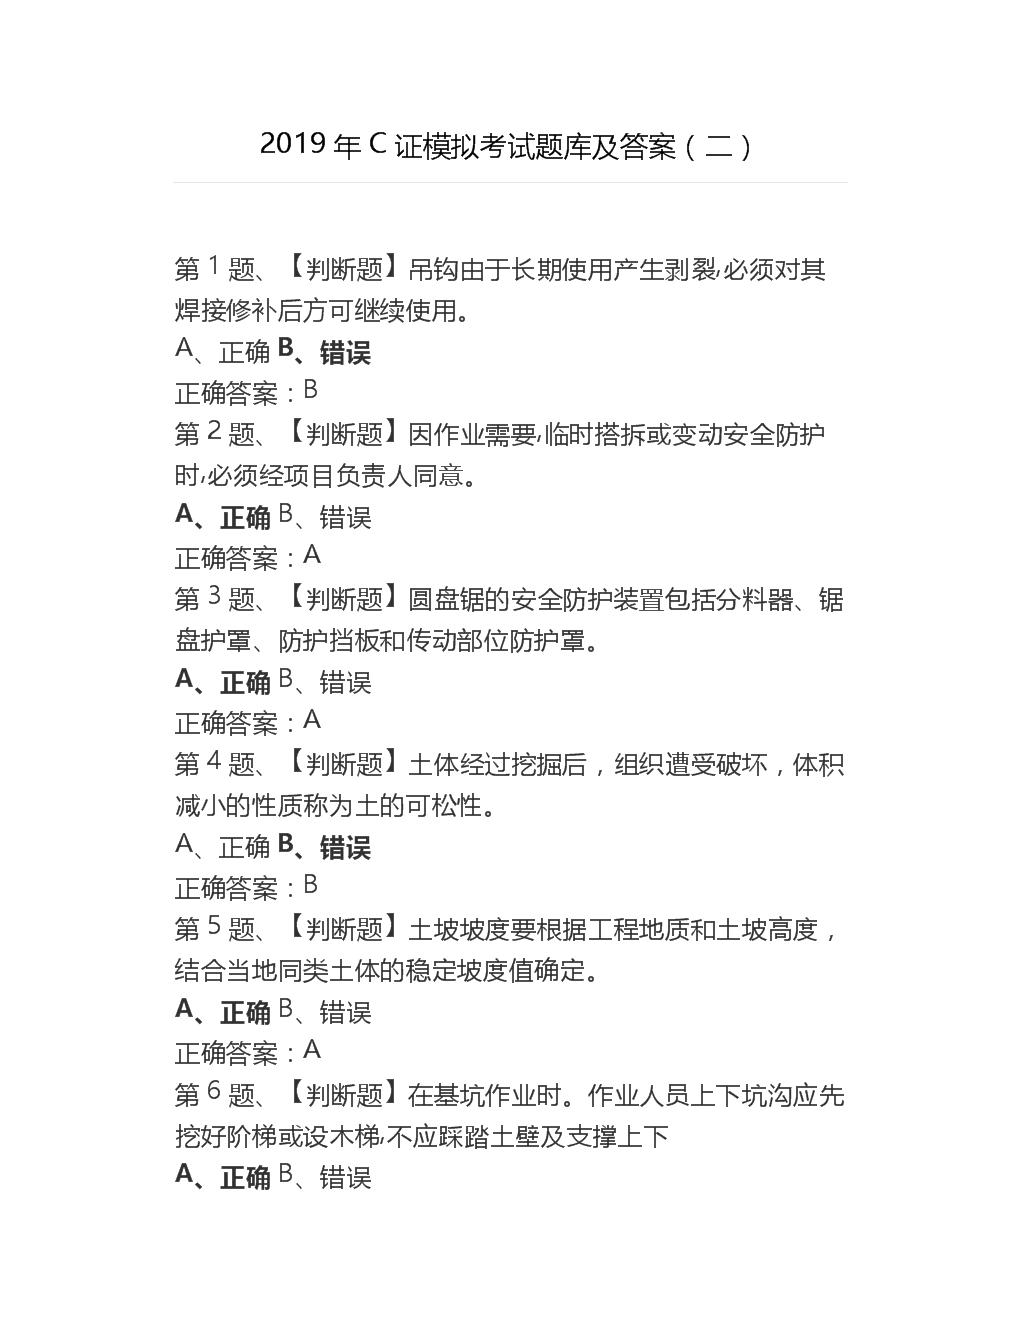 2019年C证模拟考试题库及答案(二).doc